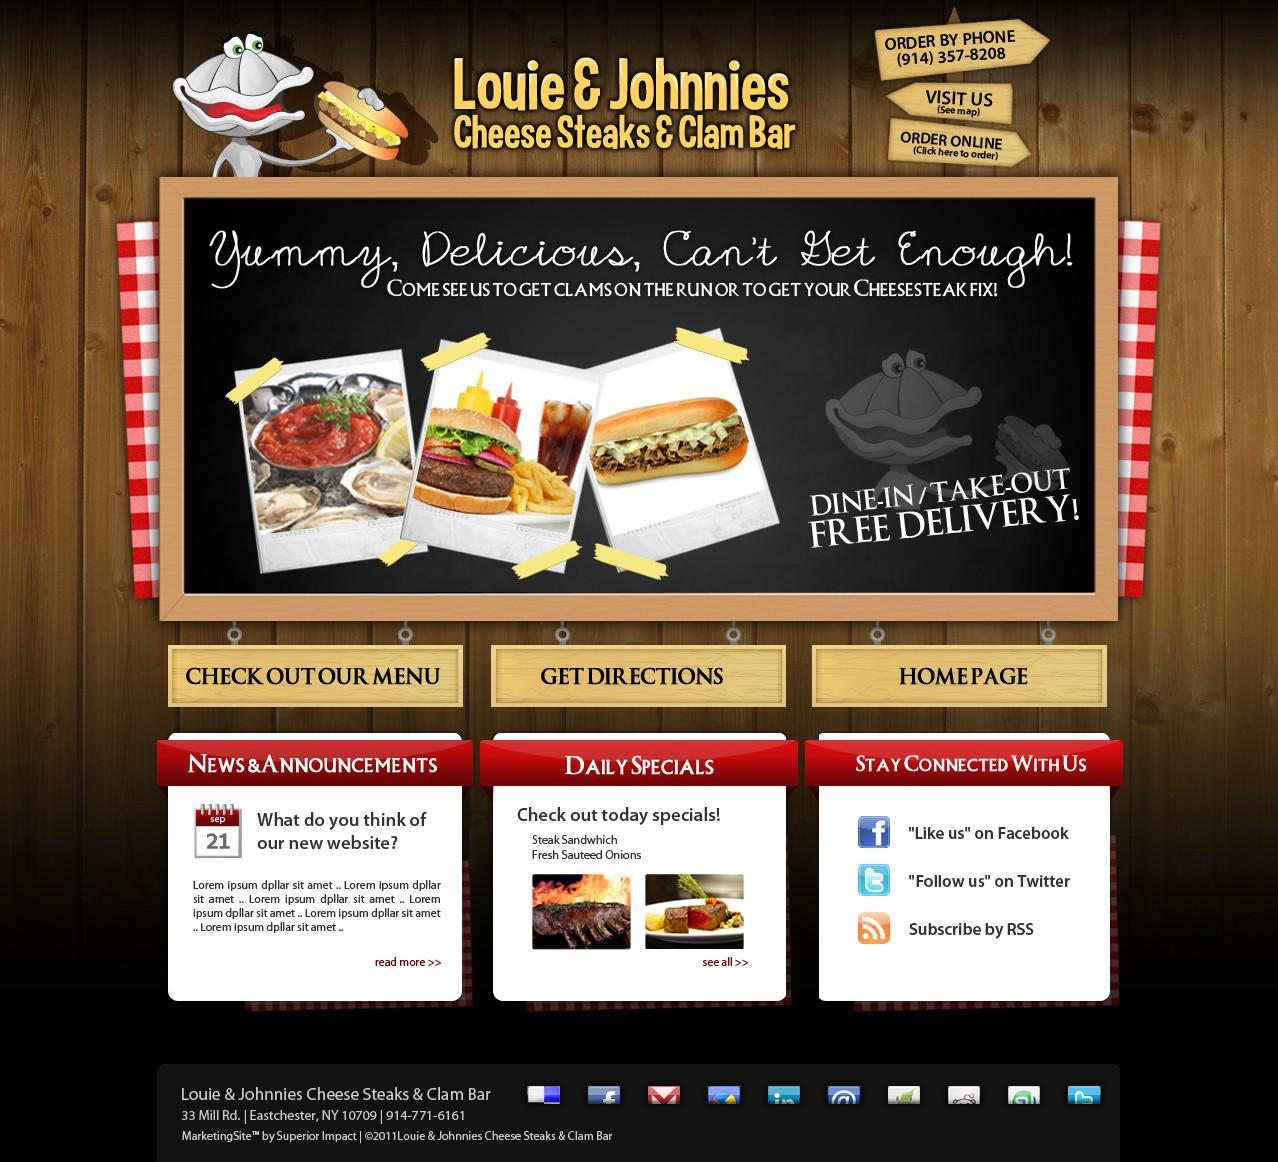 Fun Cartoon LOGO & WEBSITE Cheesesteak & Clam Bar: Loujon1 needs a new website design